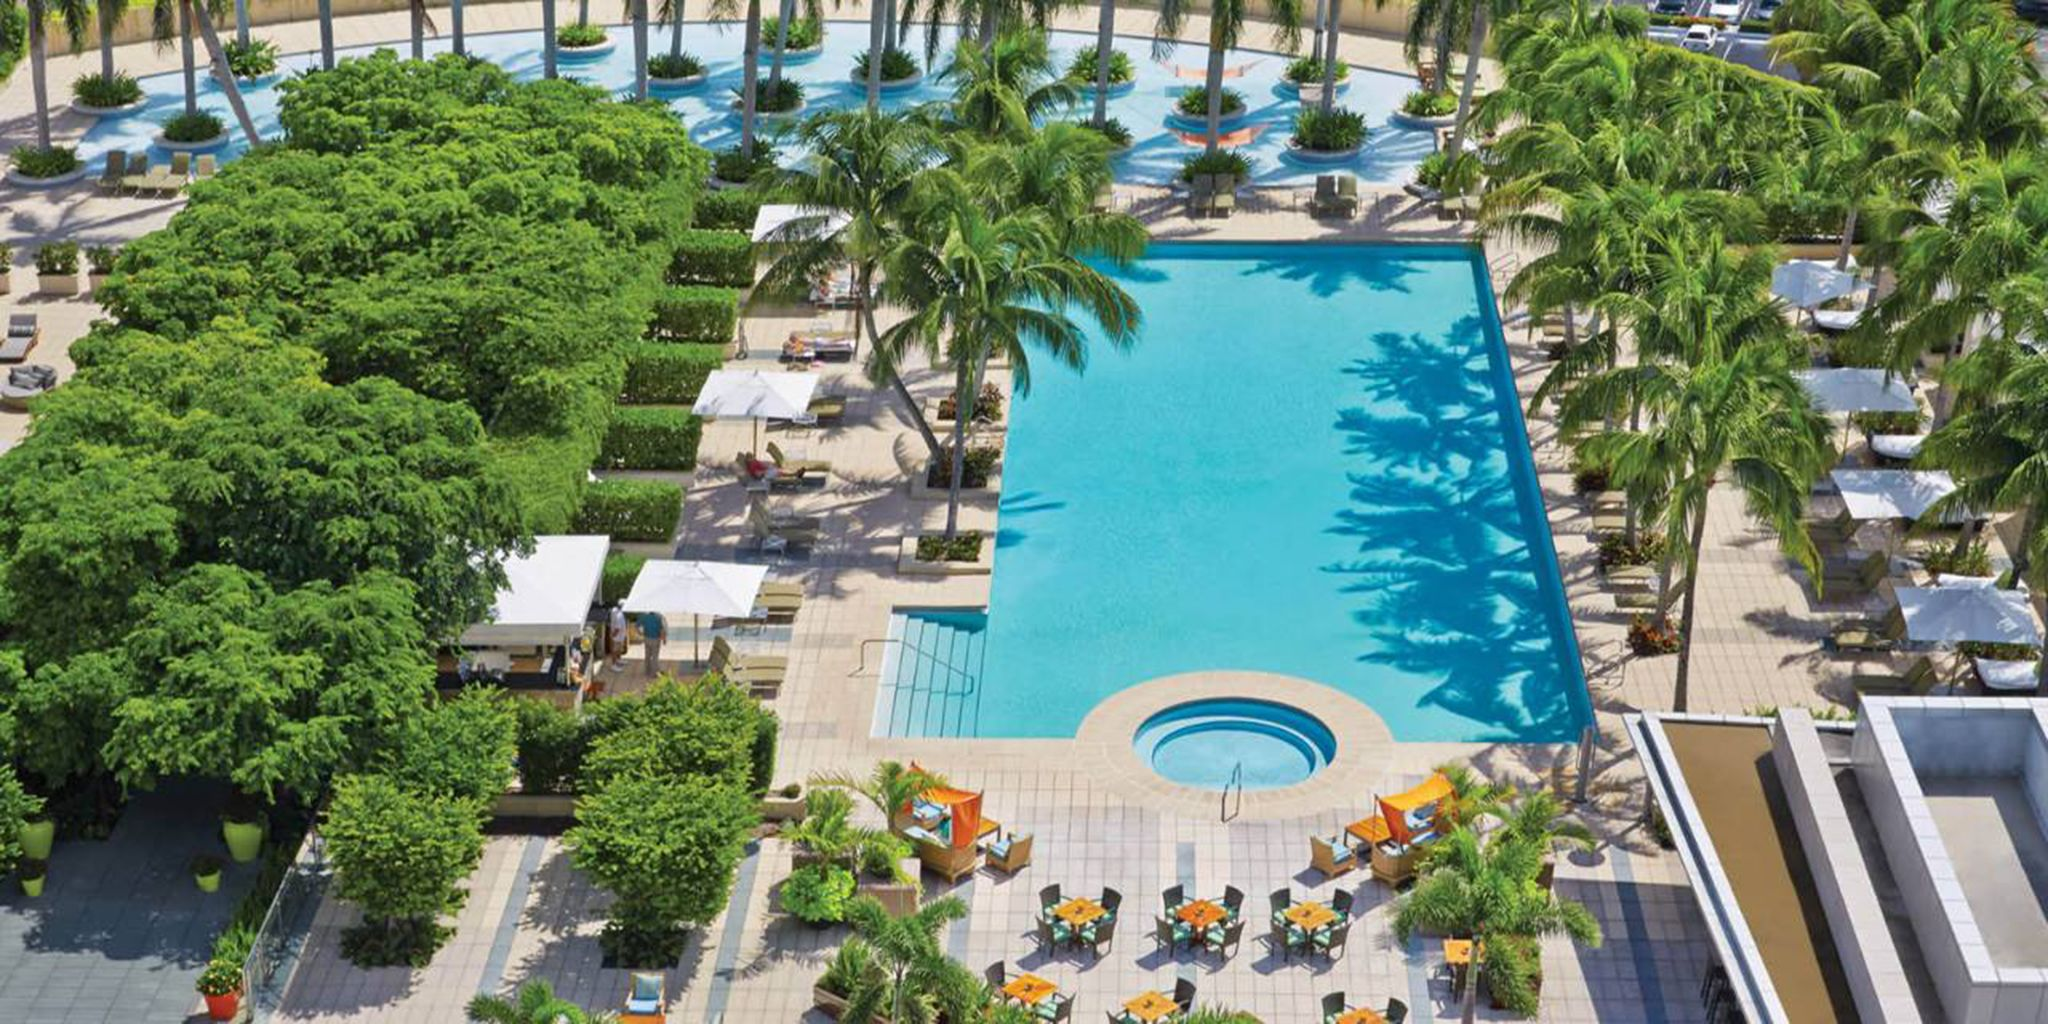 Four seasons hotel miami in miami florida for Pet friendly hotels in miami fl